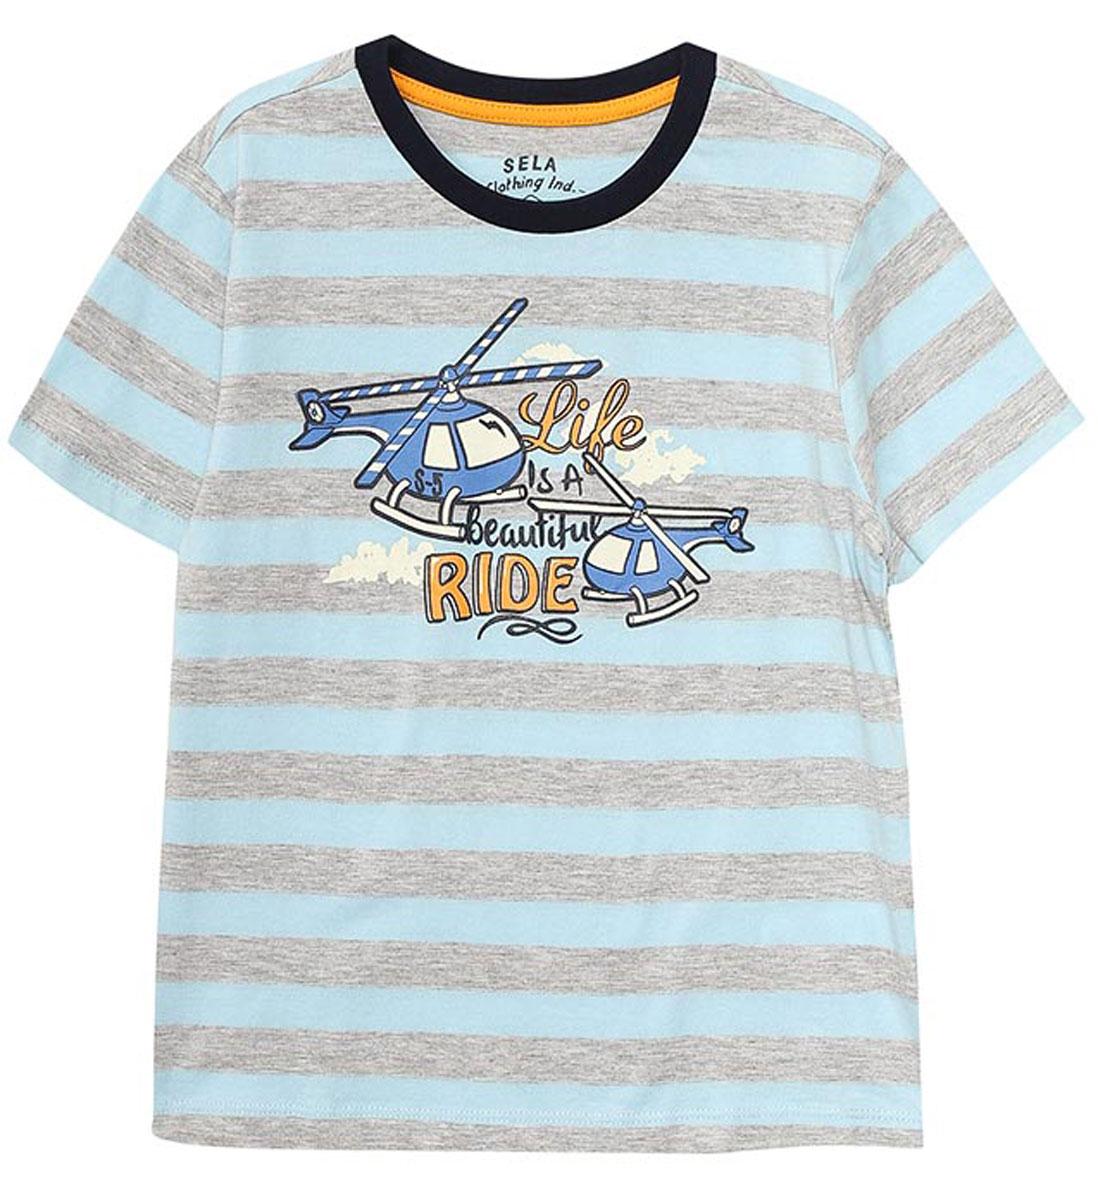 ФутболкаTs-711/191-7112Стильная футболка для мальчика Sela изготовлена из натурального хлопка в полоску и оформлена оригинальным принтом. Воротник дополнен мягкой трикотажной резинкой контрастного цвета. Яркий цвет модели позволяет создавать модные образы.